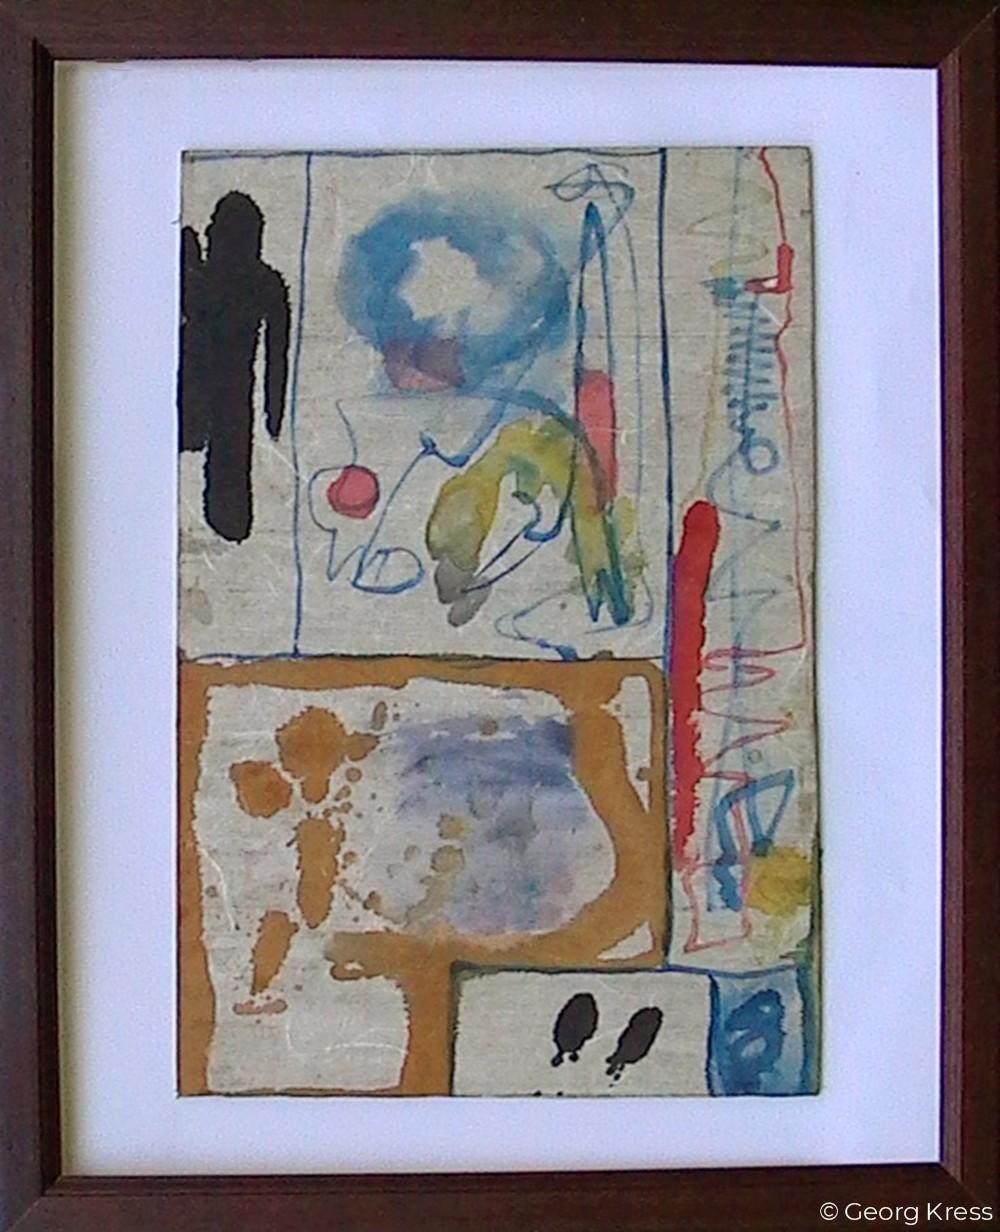 Akausal - Emotional I. 1962. Aquarell auf Papier, Holz.